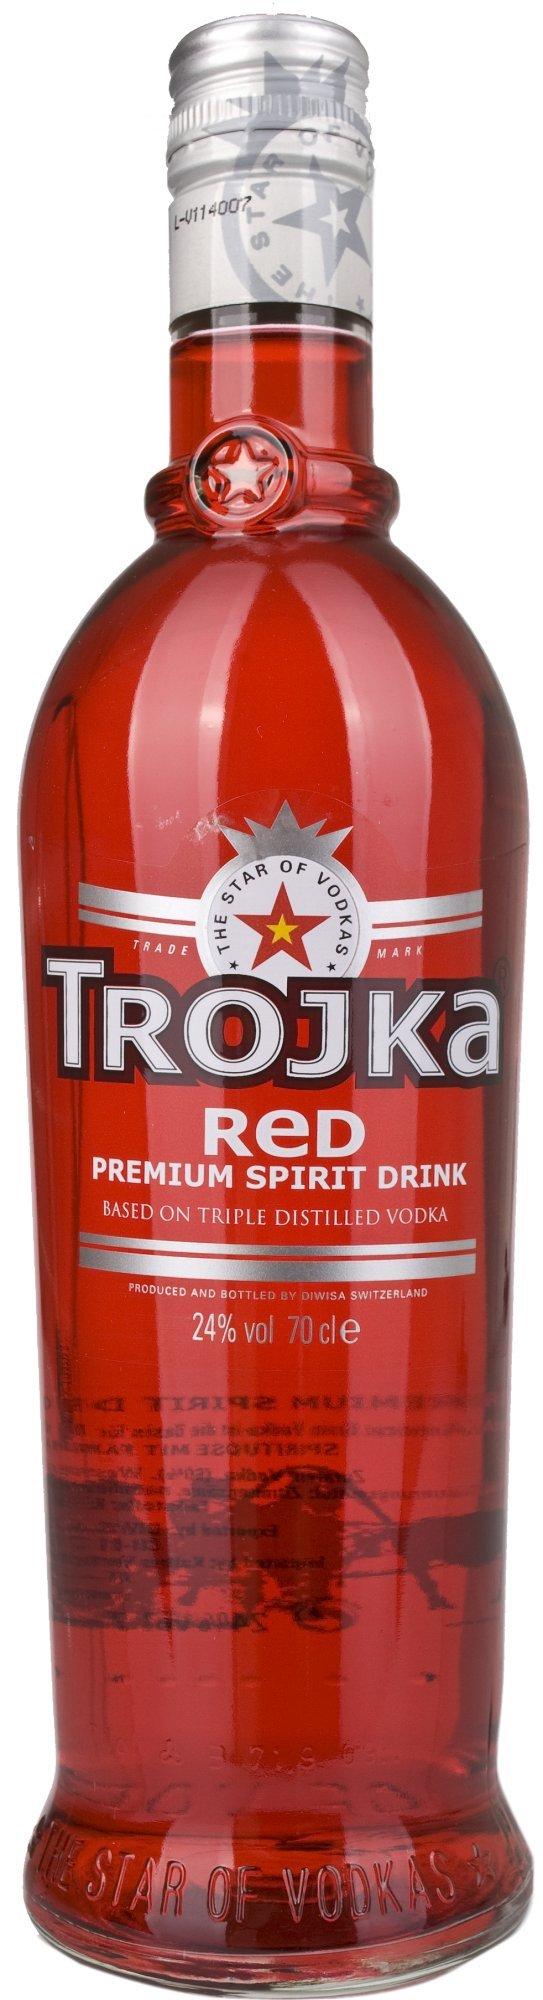 Trojka-Red-Premium-Spirit-Drink-24-Vol-07-l